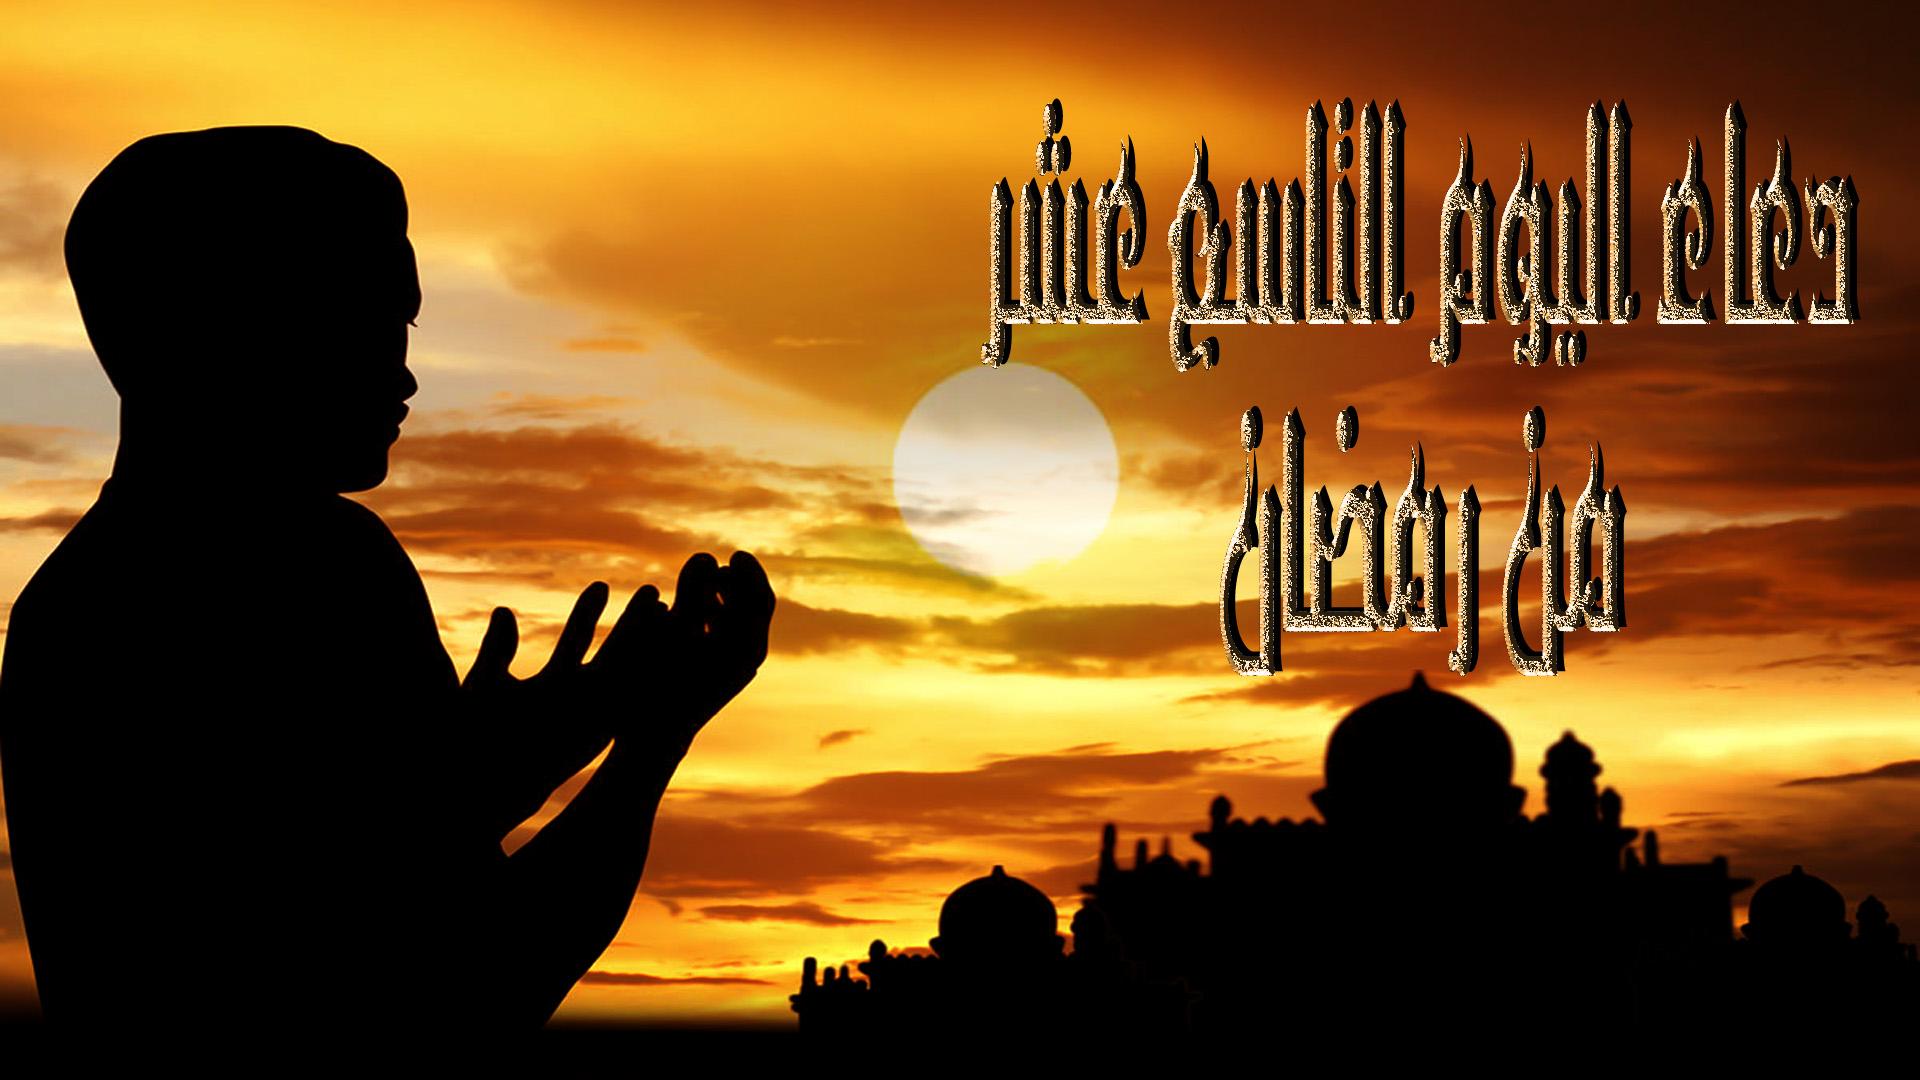 أدعية أيام شهر رمضان ( دعاء اليوم التاسع عشر )